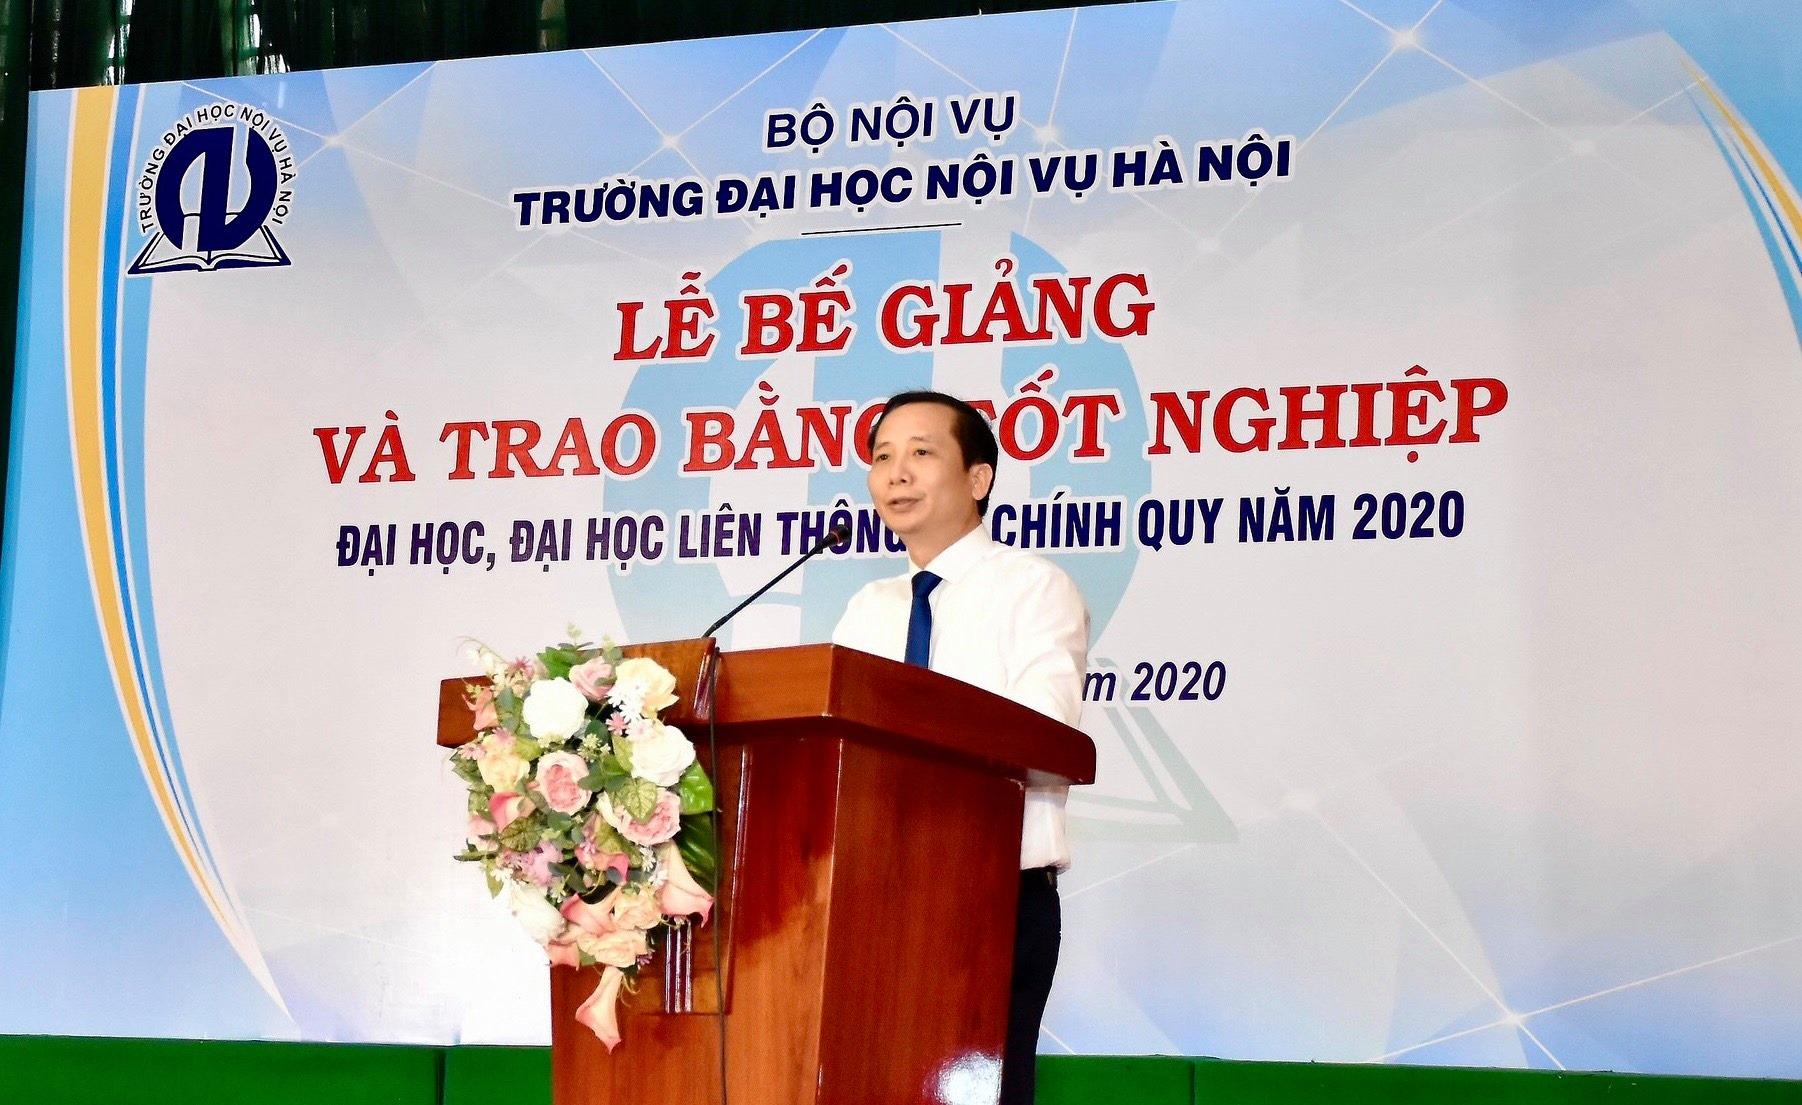 Trường Đại học Nội vụ Hà Nội tổ chức Lễ bế giảng năm 2020